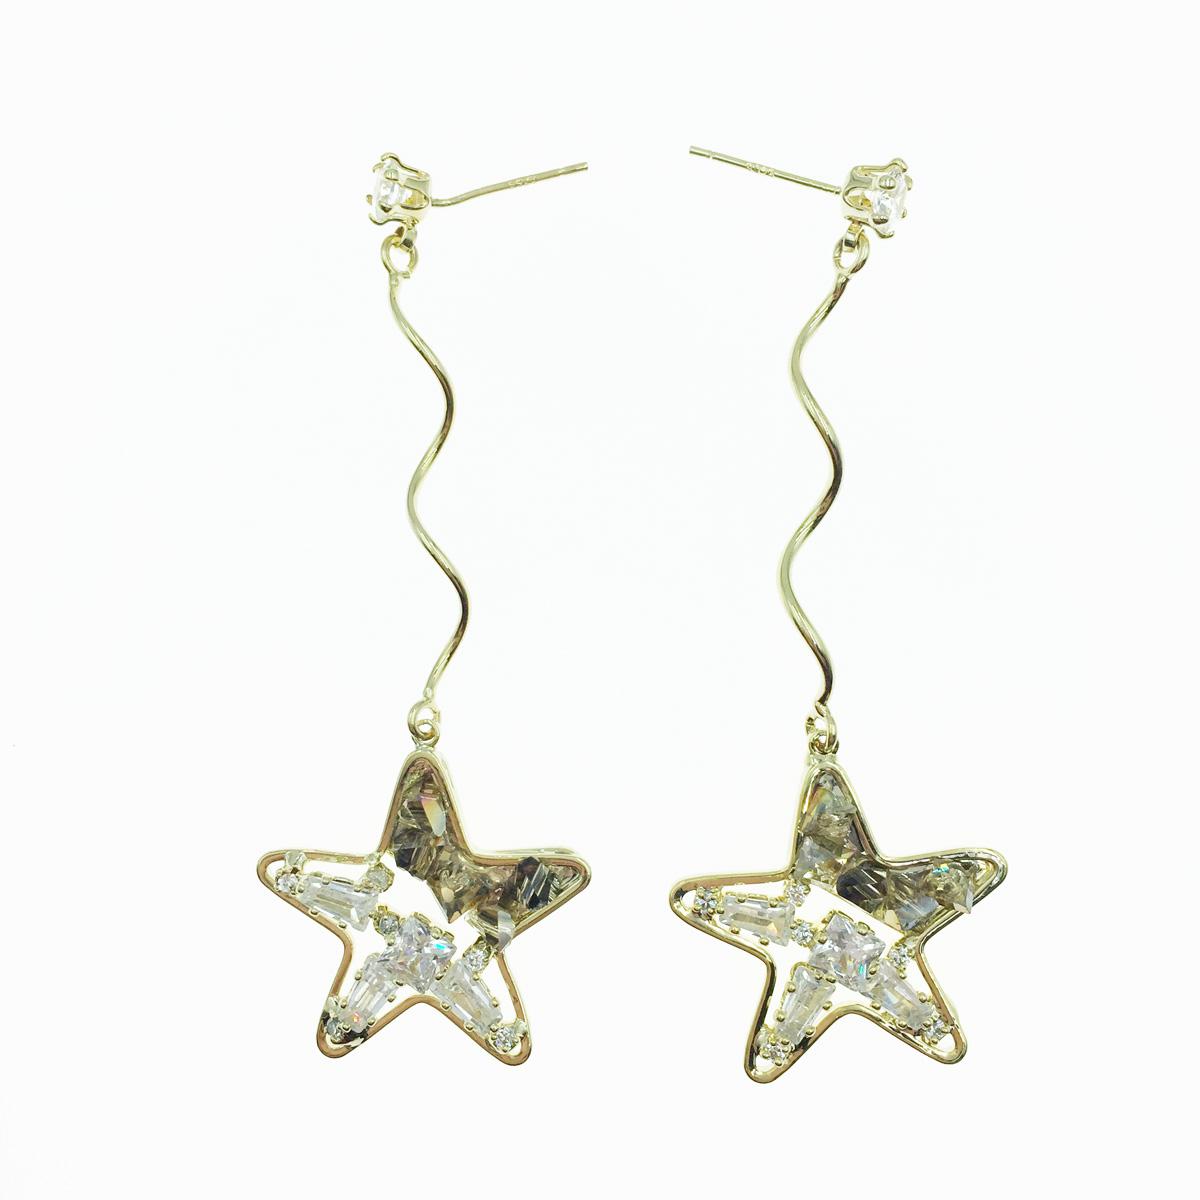 韓國 925純銀 星星 水鑽 金 垂墜感 耳針式耳環